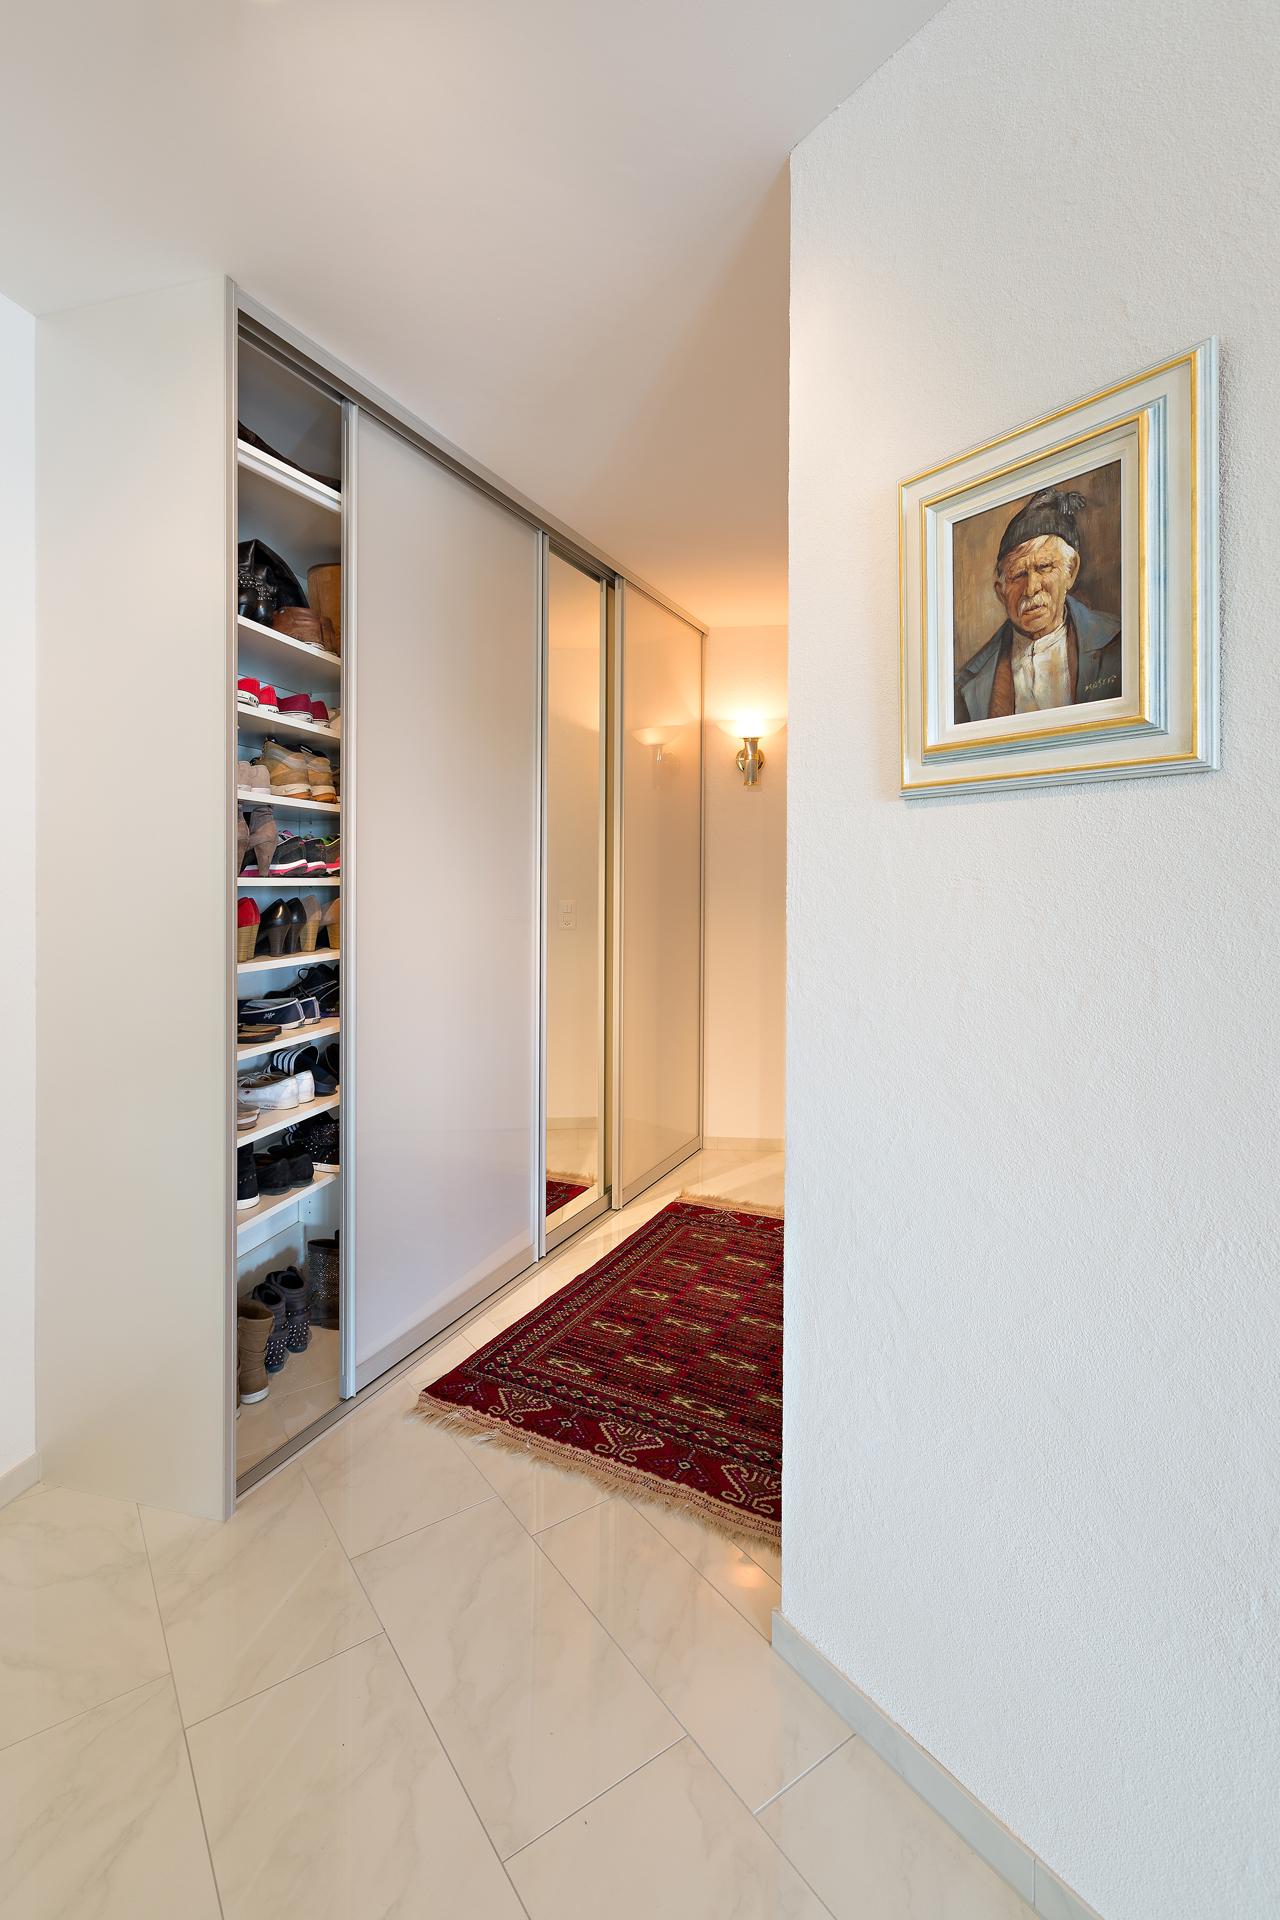 einbaugarderobe mit schiebe ren in spiegel und dekor silber weiss auf zu. Black Bedroom Furniture Sets. Home Design Ideas